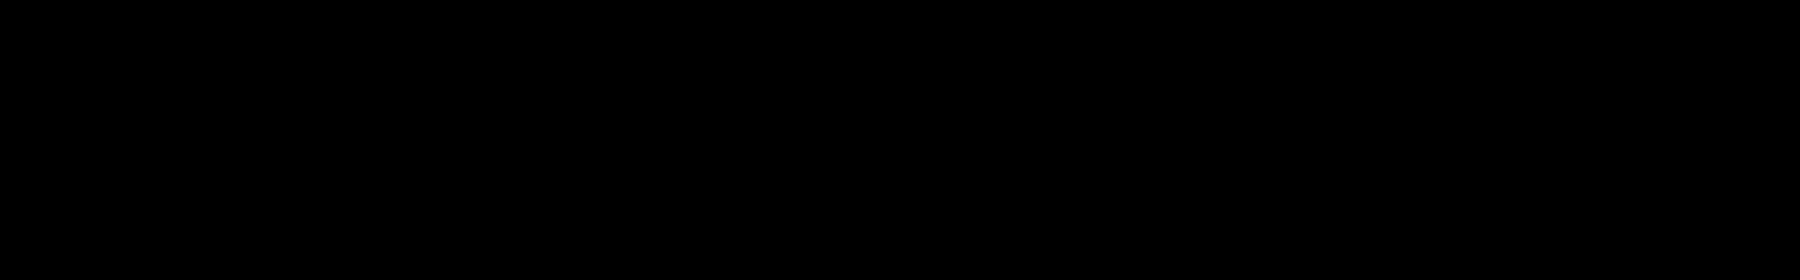 Emo Chill & Trap audio waveform